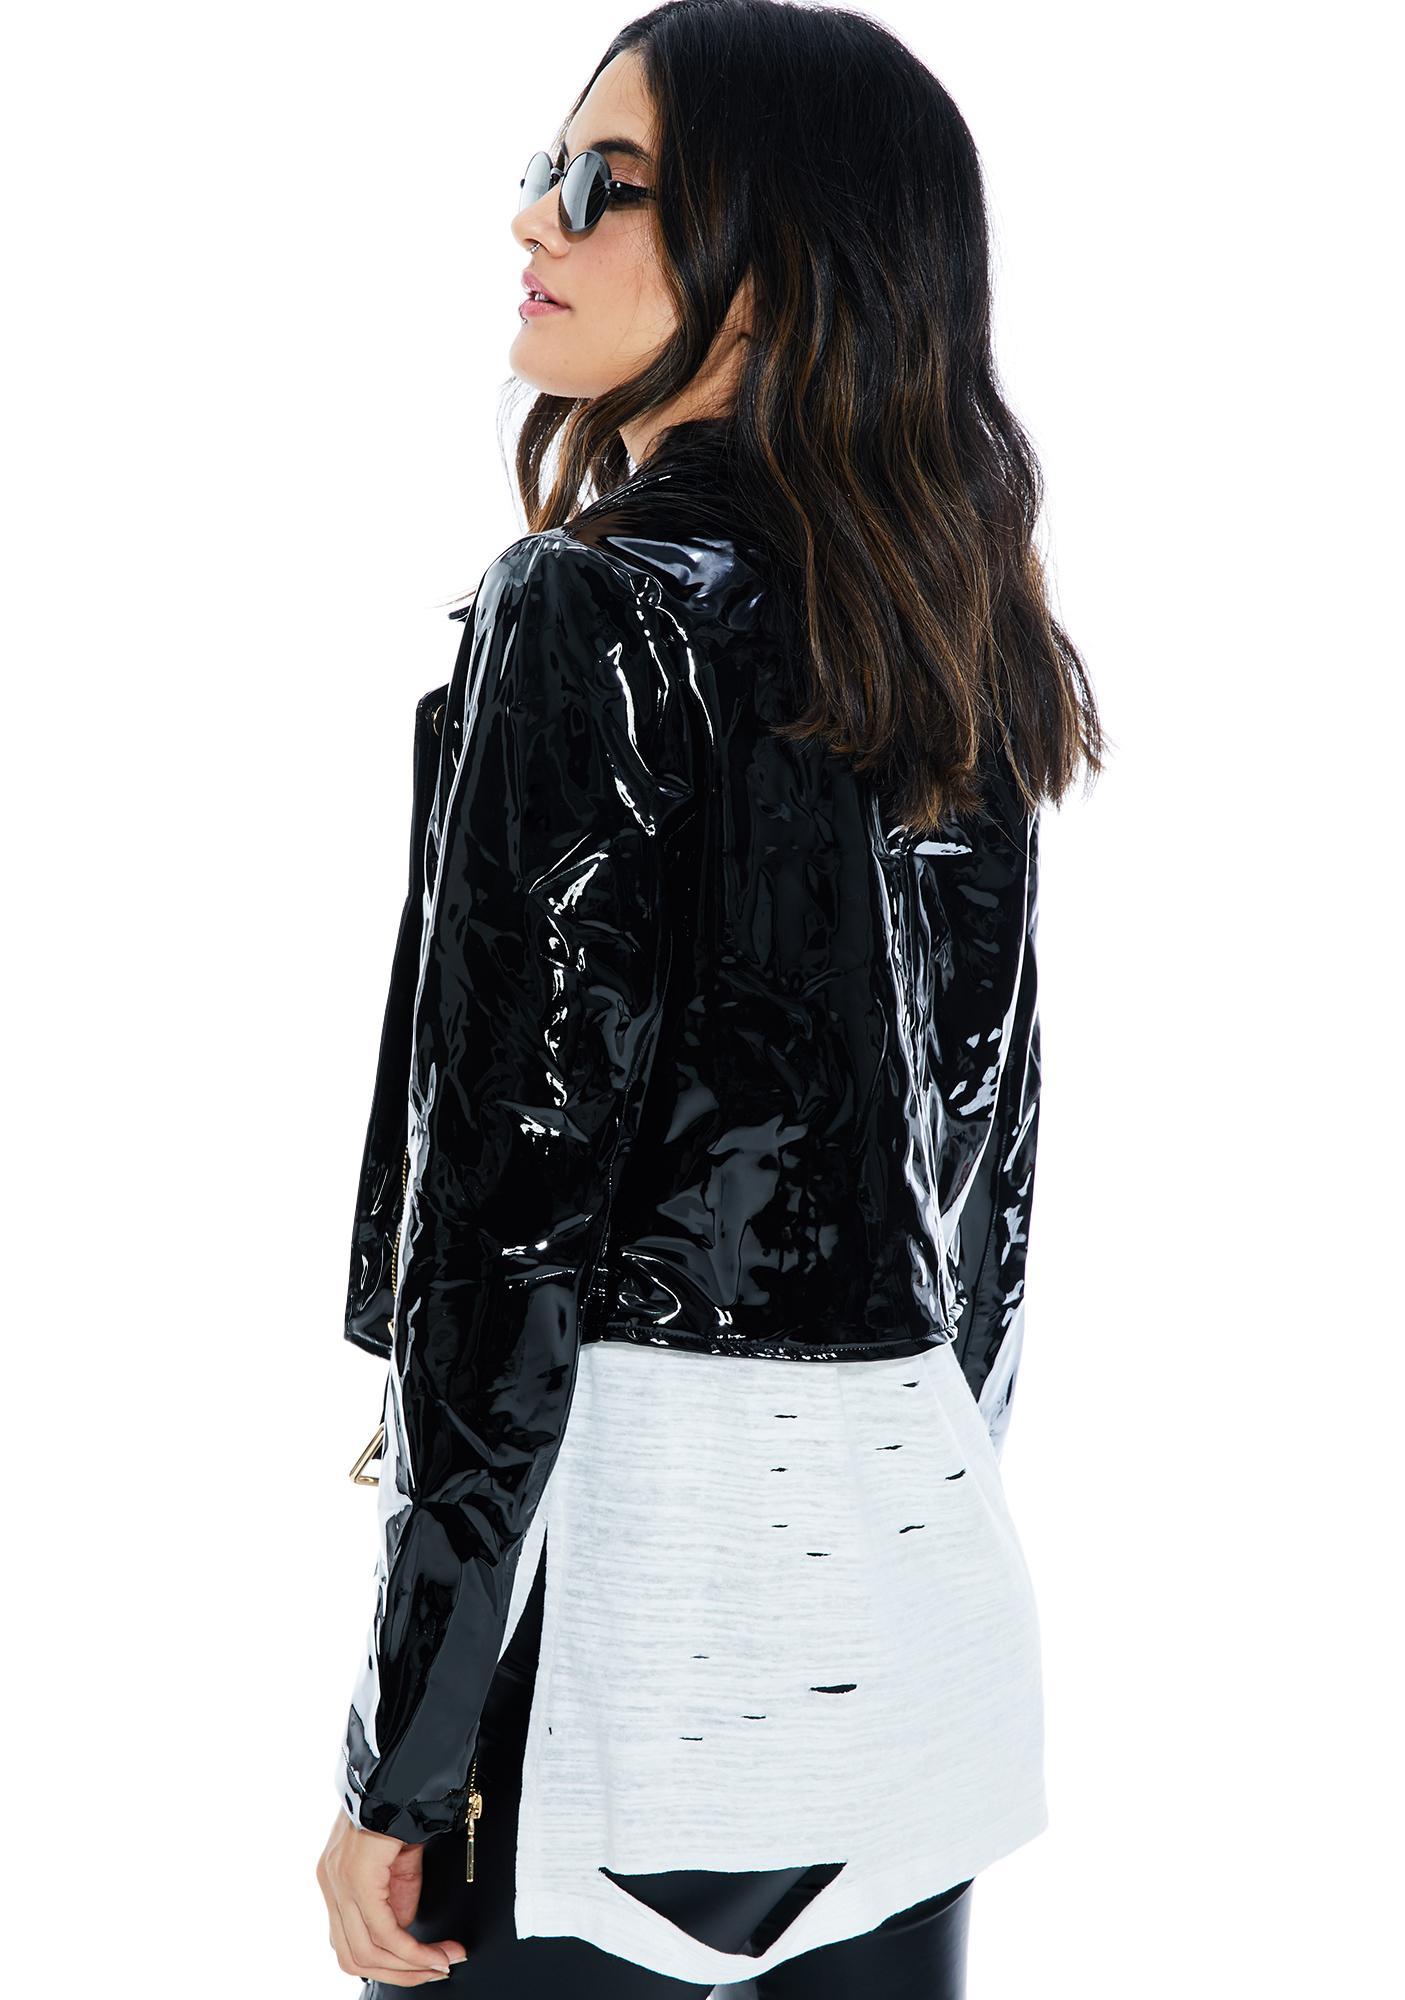 Cruisin' Vinyl Moto Jacket